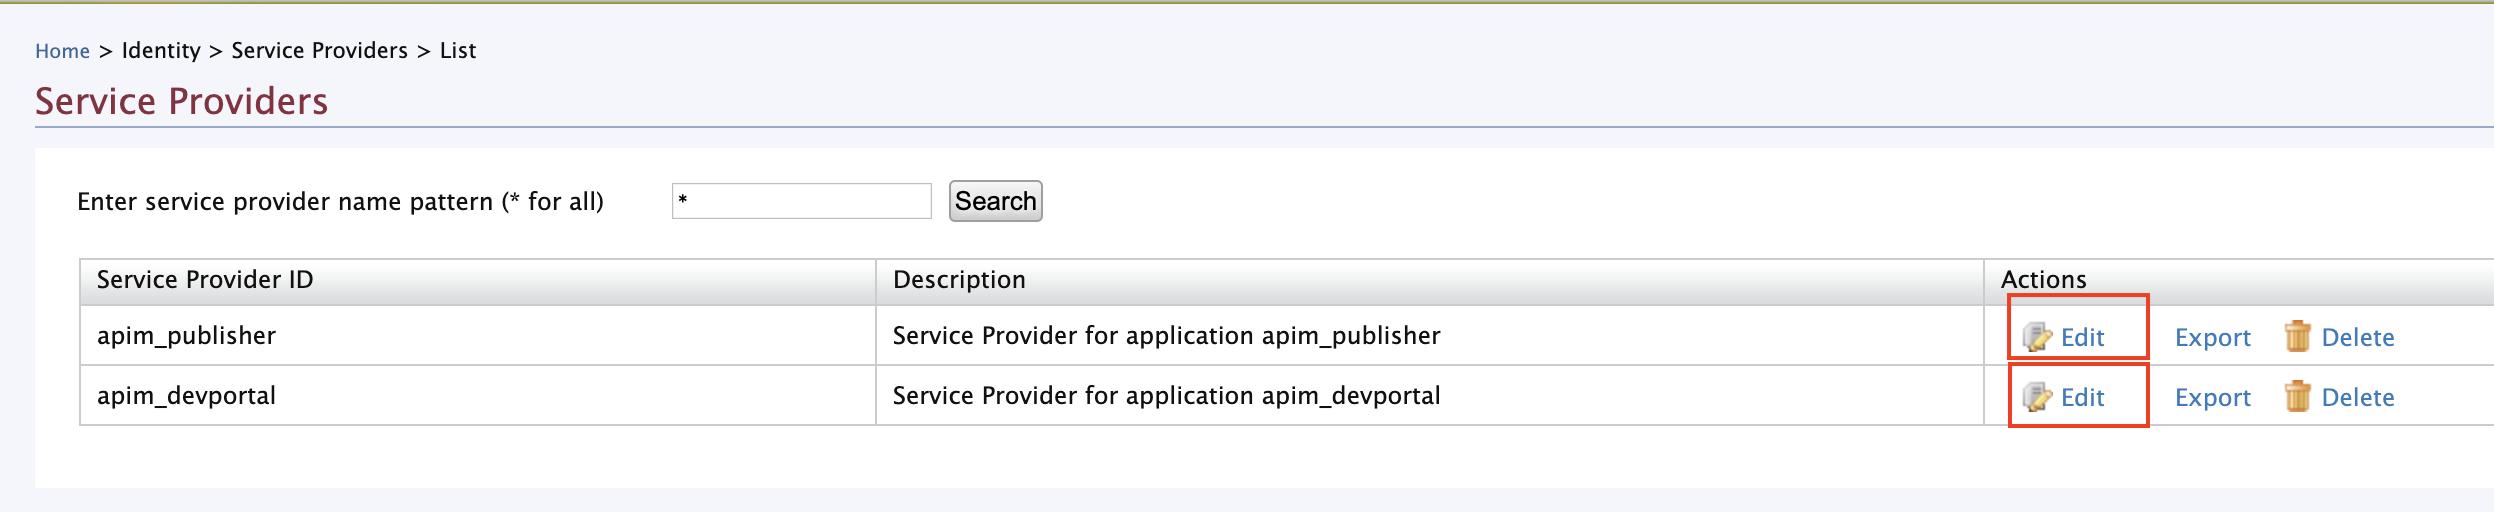 Okta API-M role OIDC SP